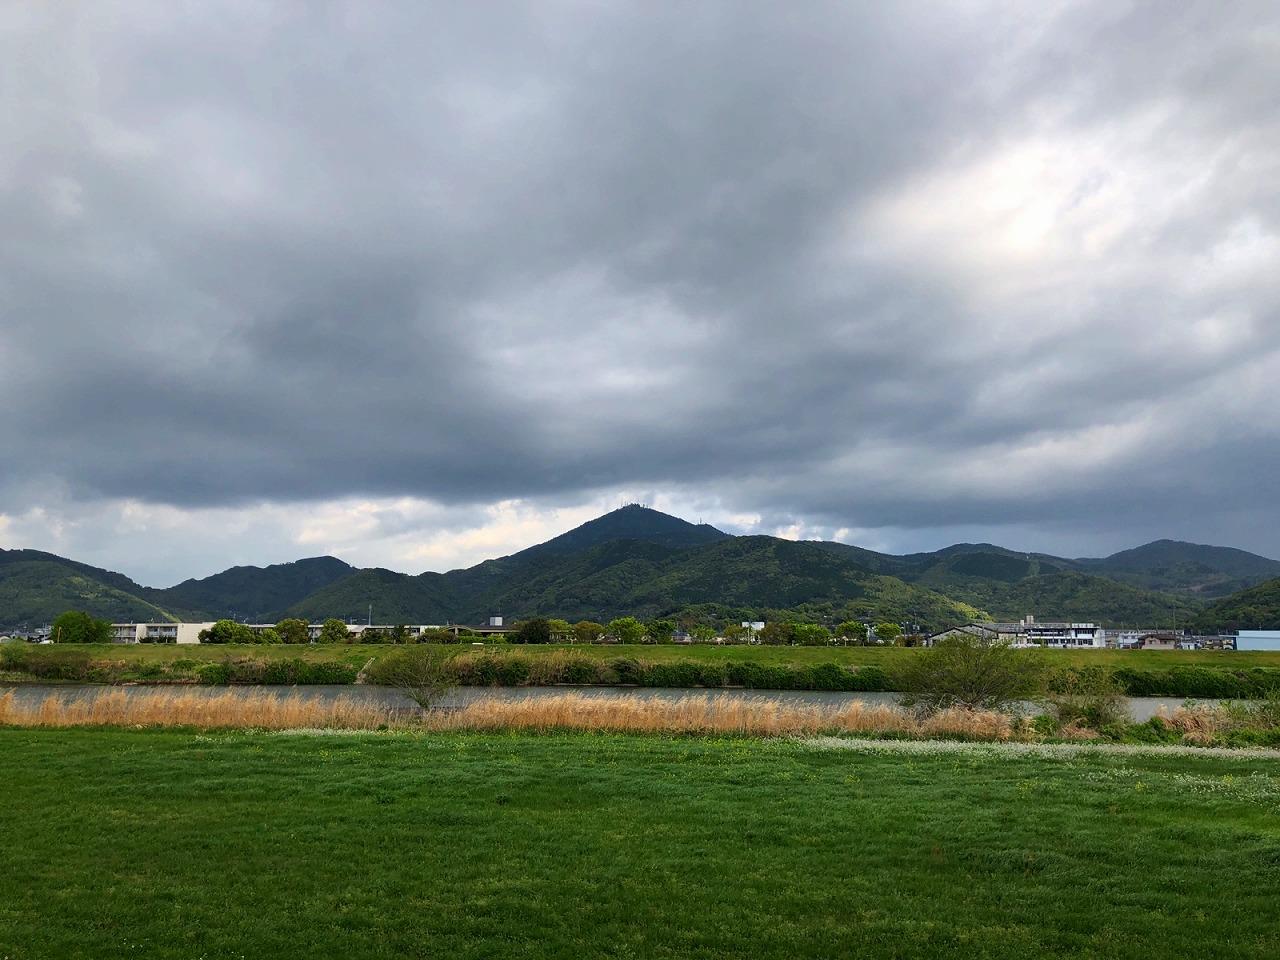 2018.4.11今朝の金峰山です。